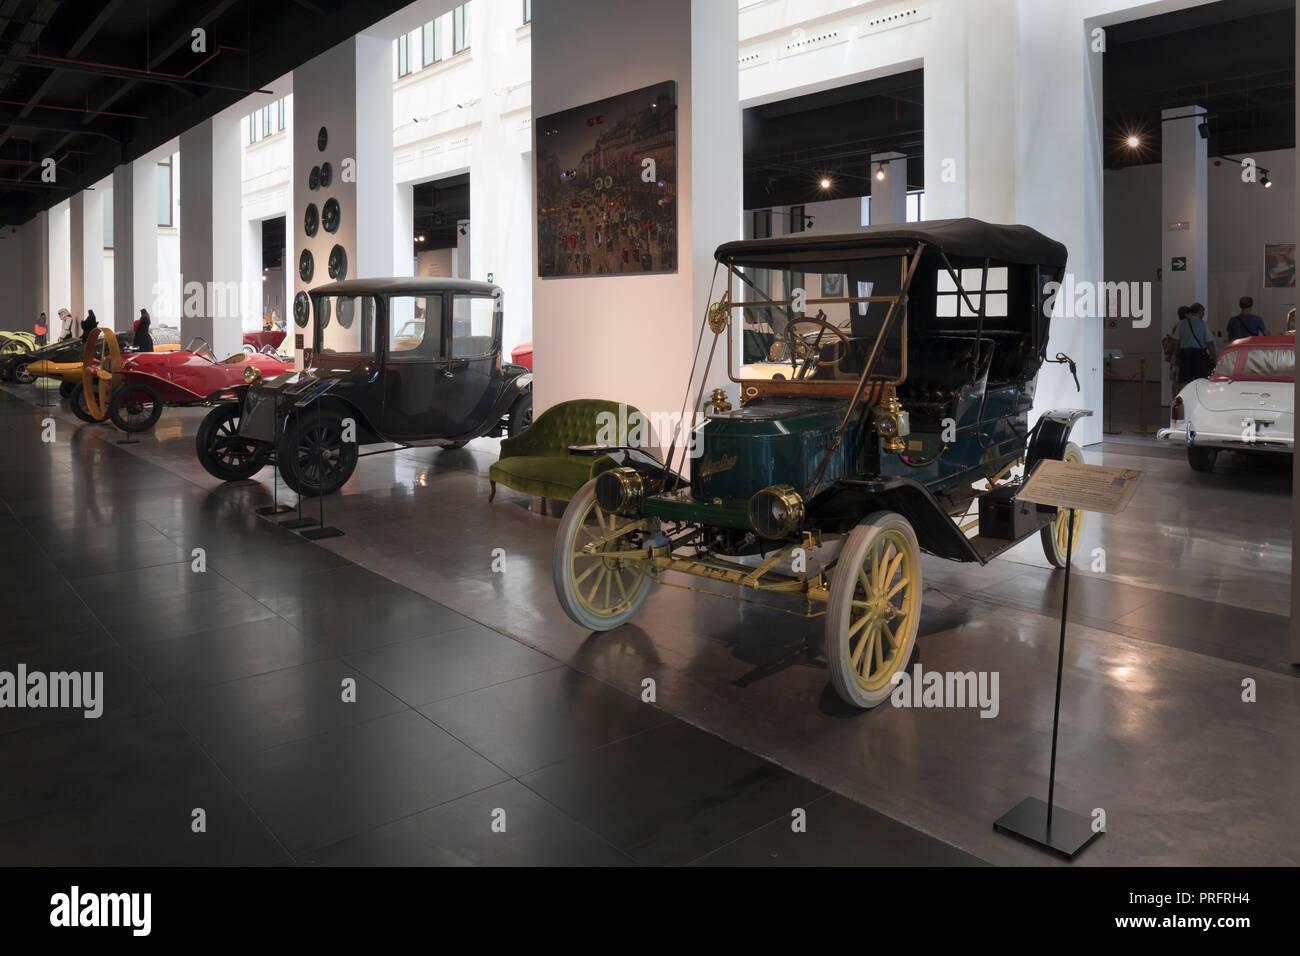 Museo automovilistico y de la Moda, Málaga, provincia de Málaga, España. Museo del Automóvil y de la moda. El vehículo en el primer plano es una cocción al vapor Stanley Imagen De Stock